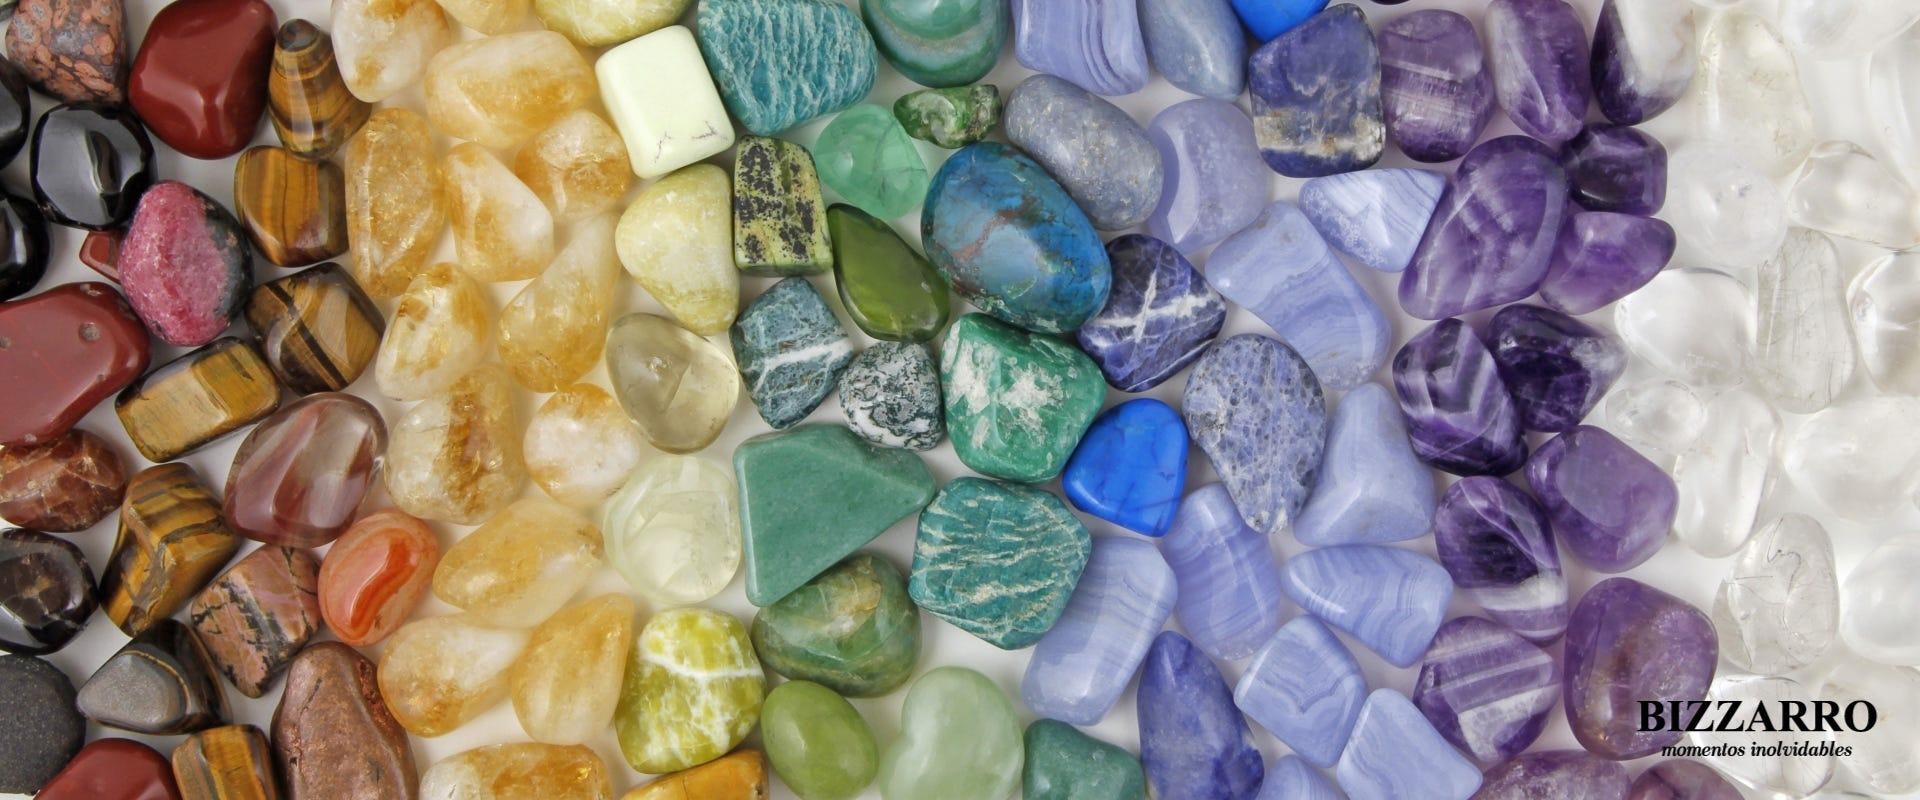 Reveladora verdad entre piedras preciosas y semipreciosas